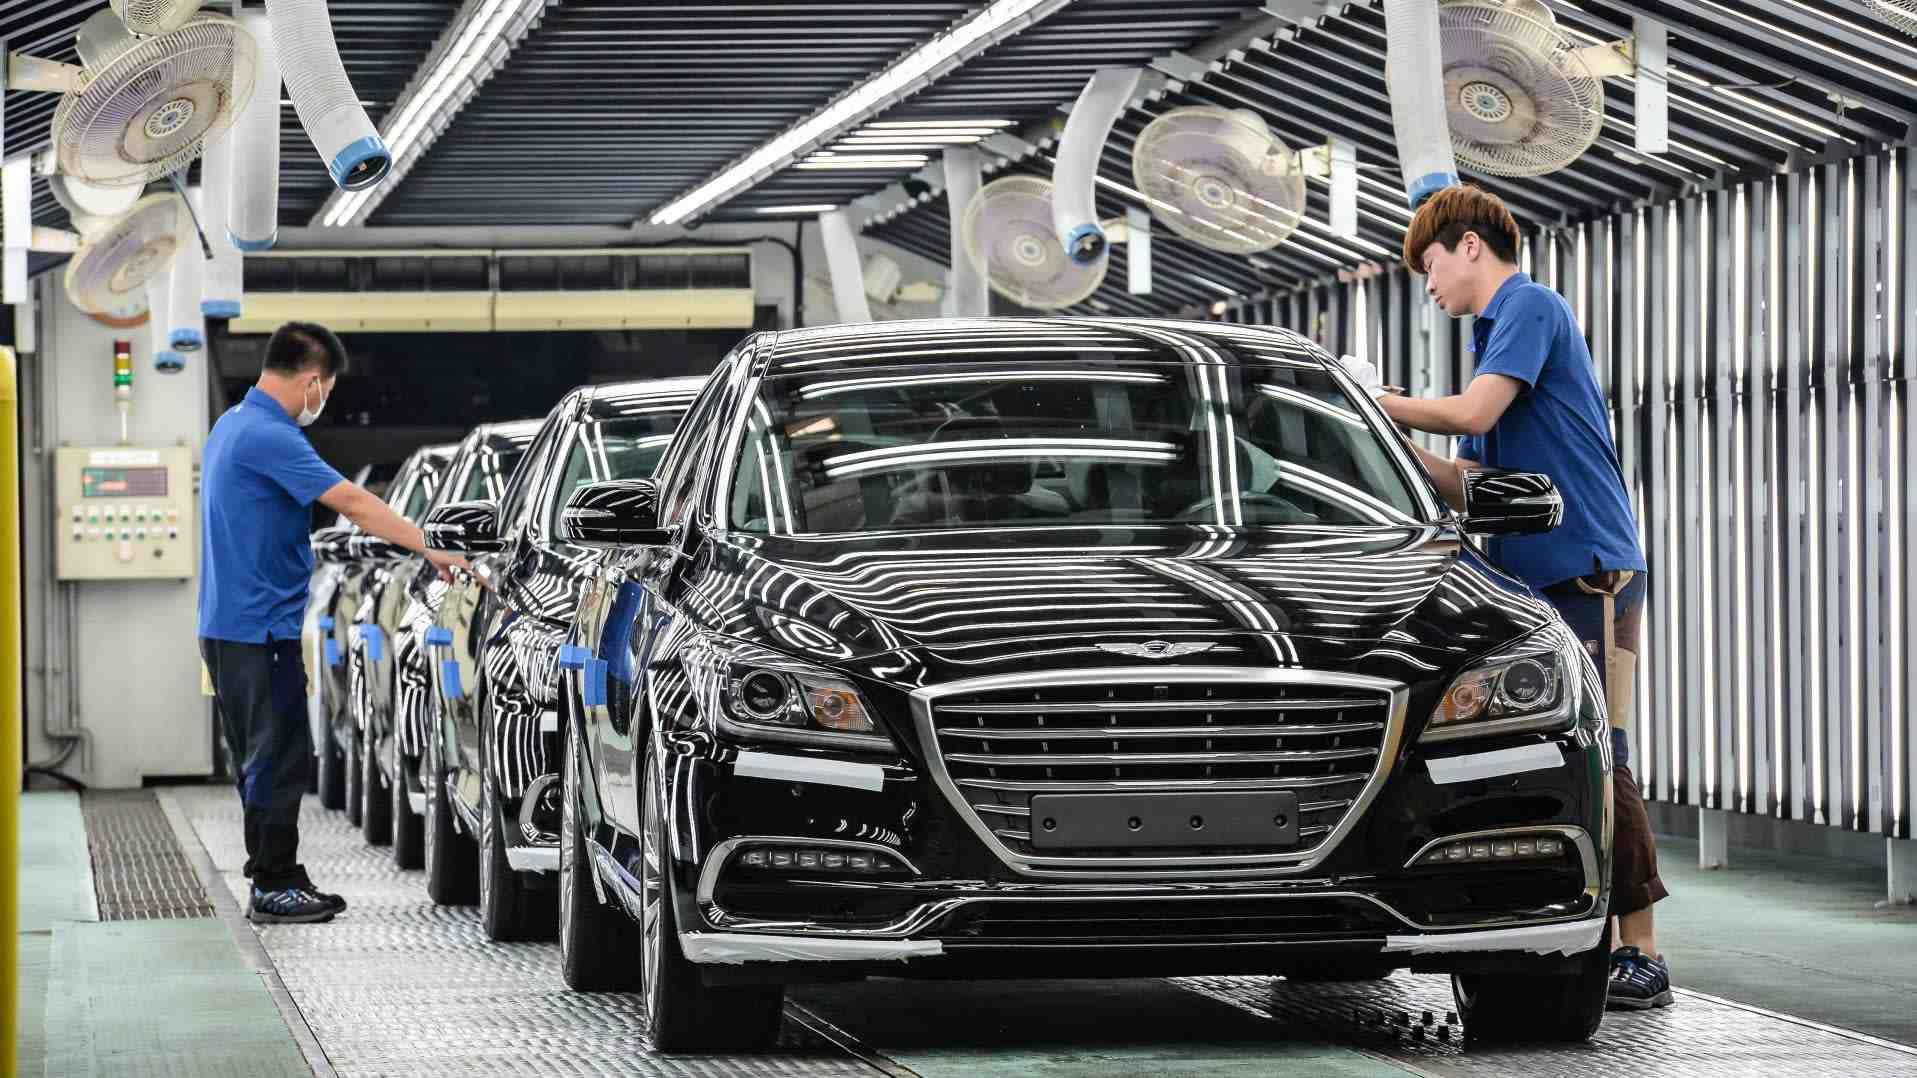 بررسی تجربه دو کشور ایران و کرهجنوبی در زمینه خودروسازی